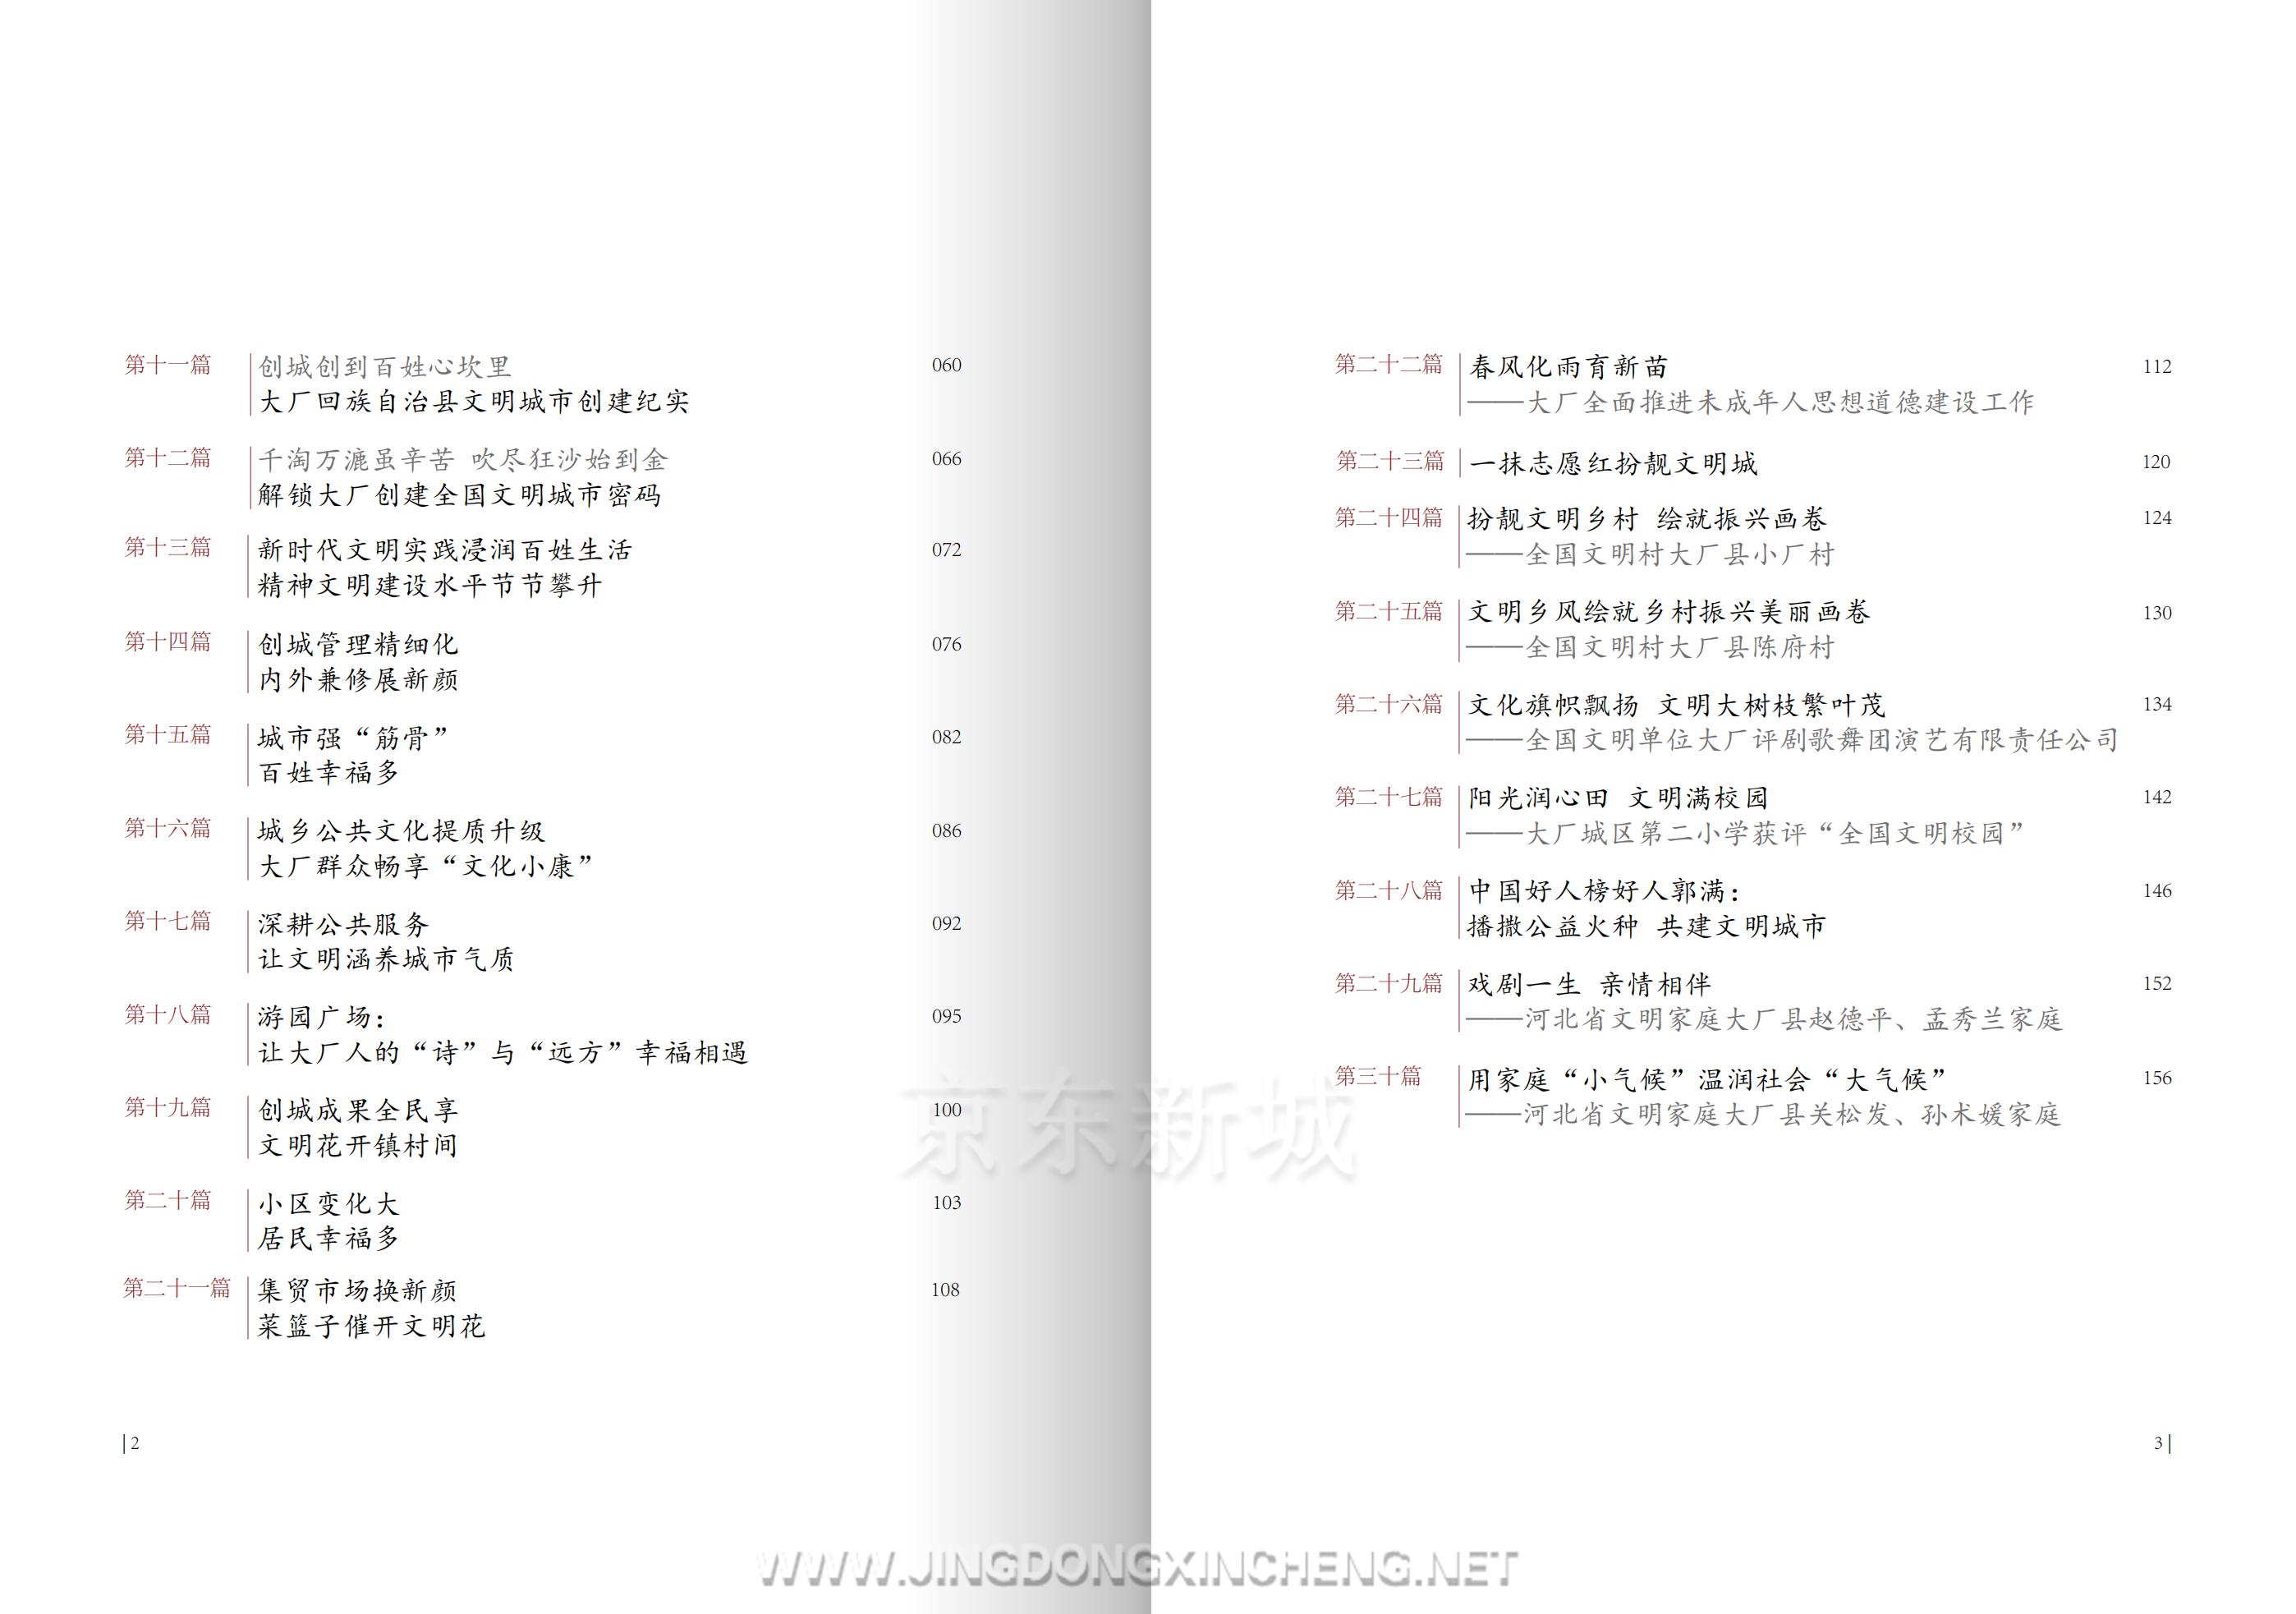 文明大厂书籍-定稿-上传版_05.png